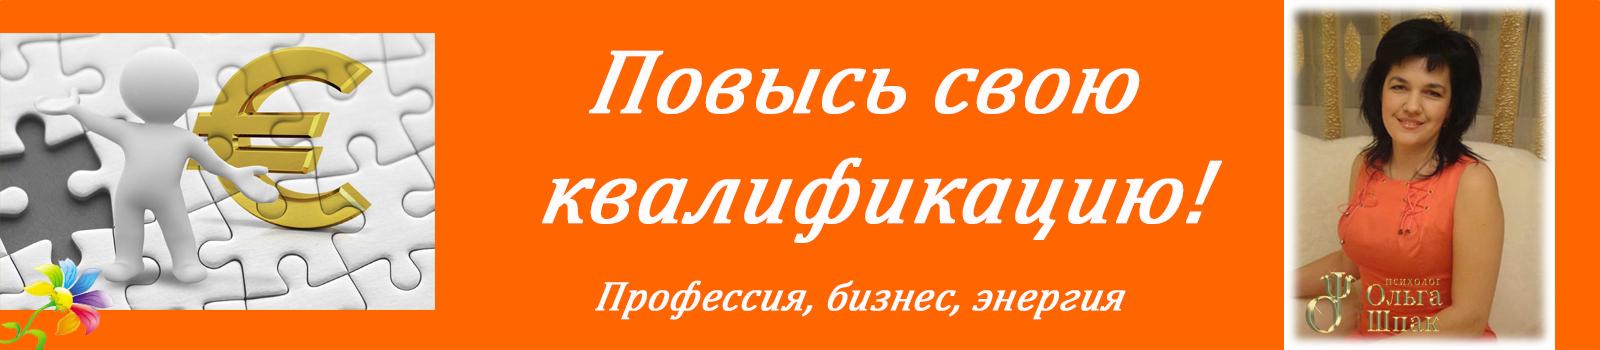 2 - оранжевый1